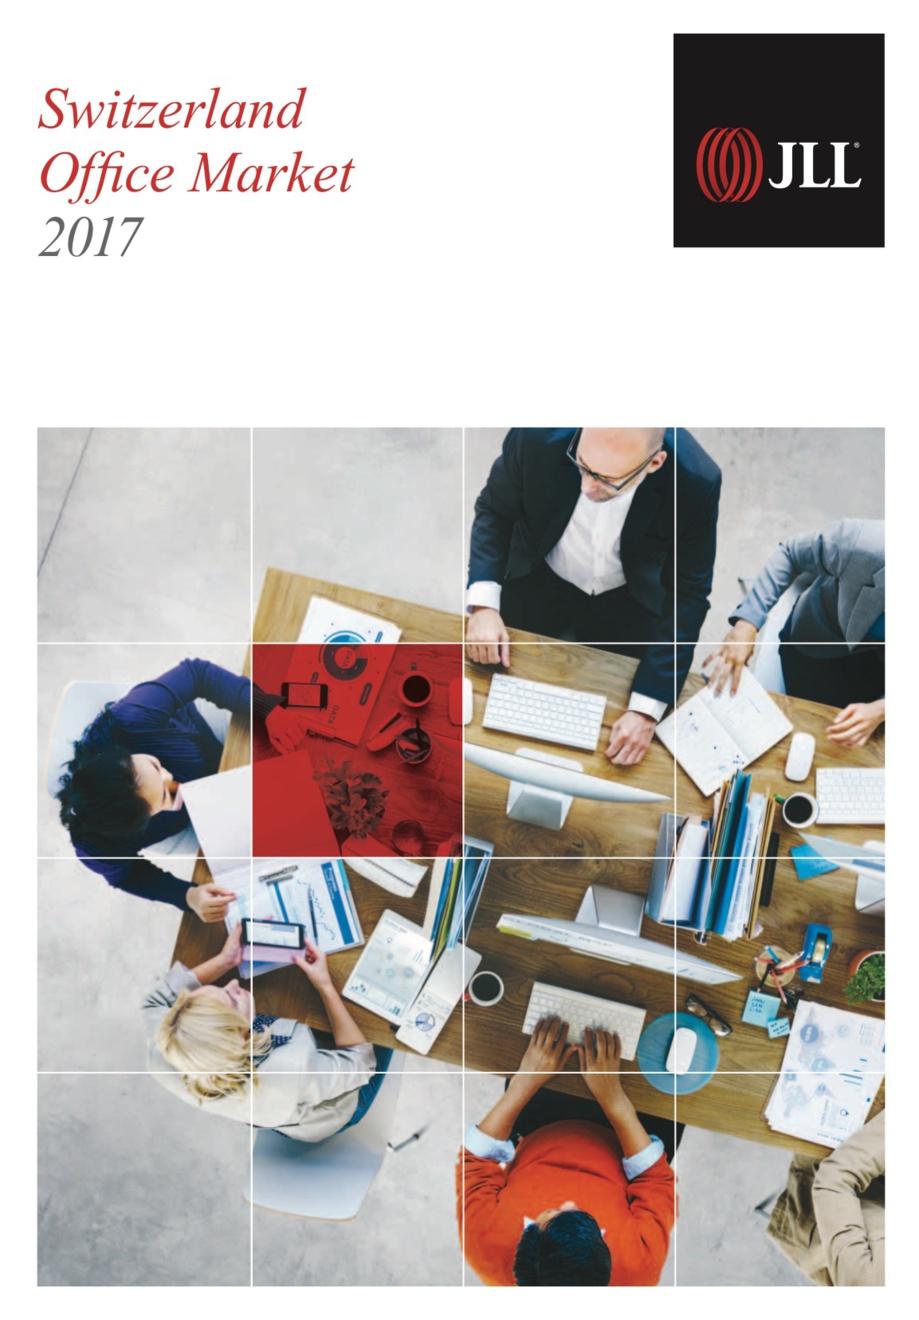 Switzerland Office Market 2017